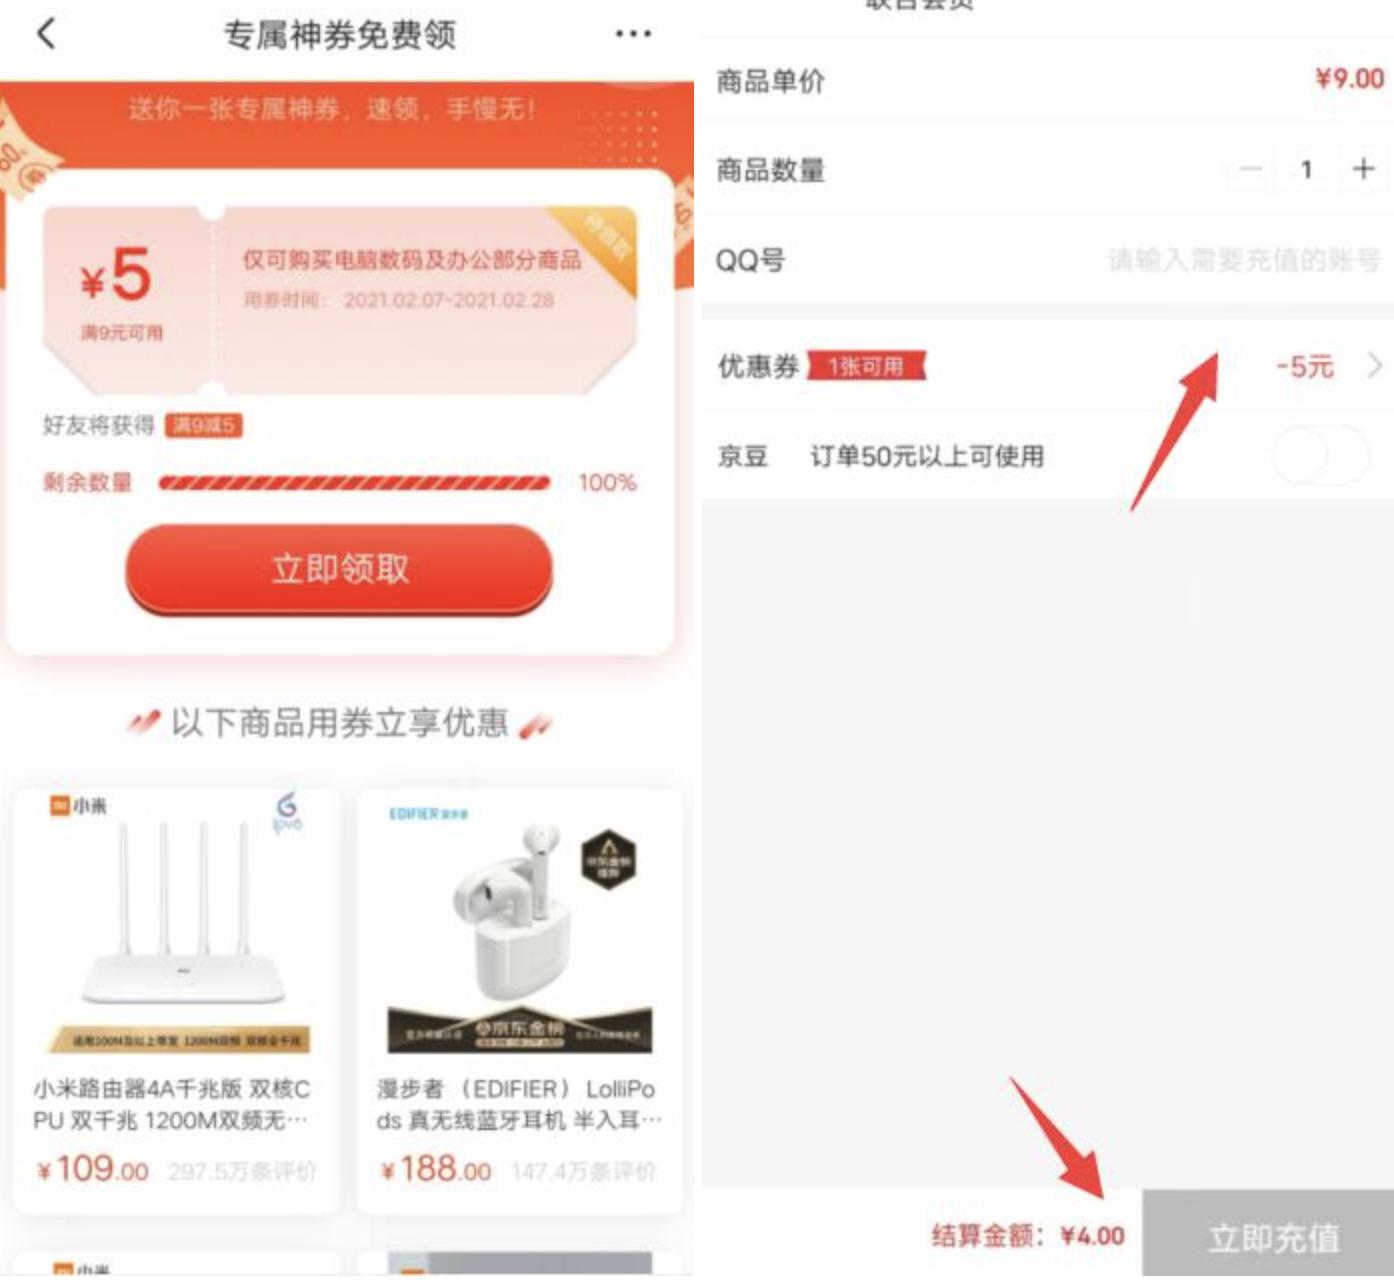 京东4元买腾讯视频7天卡+5元话费